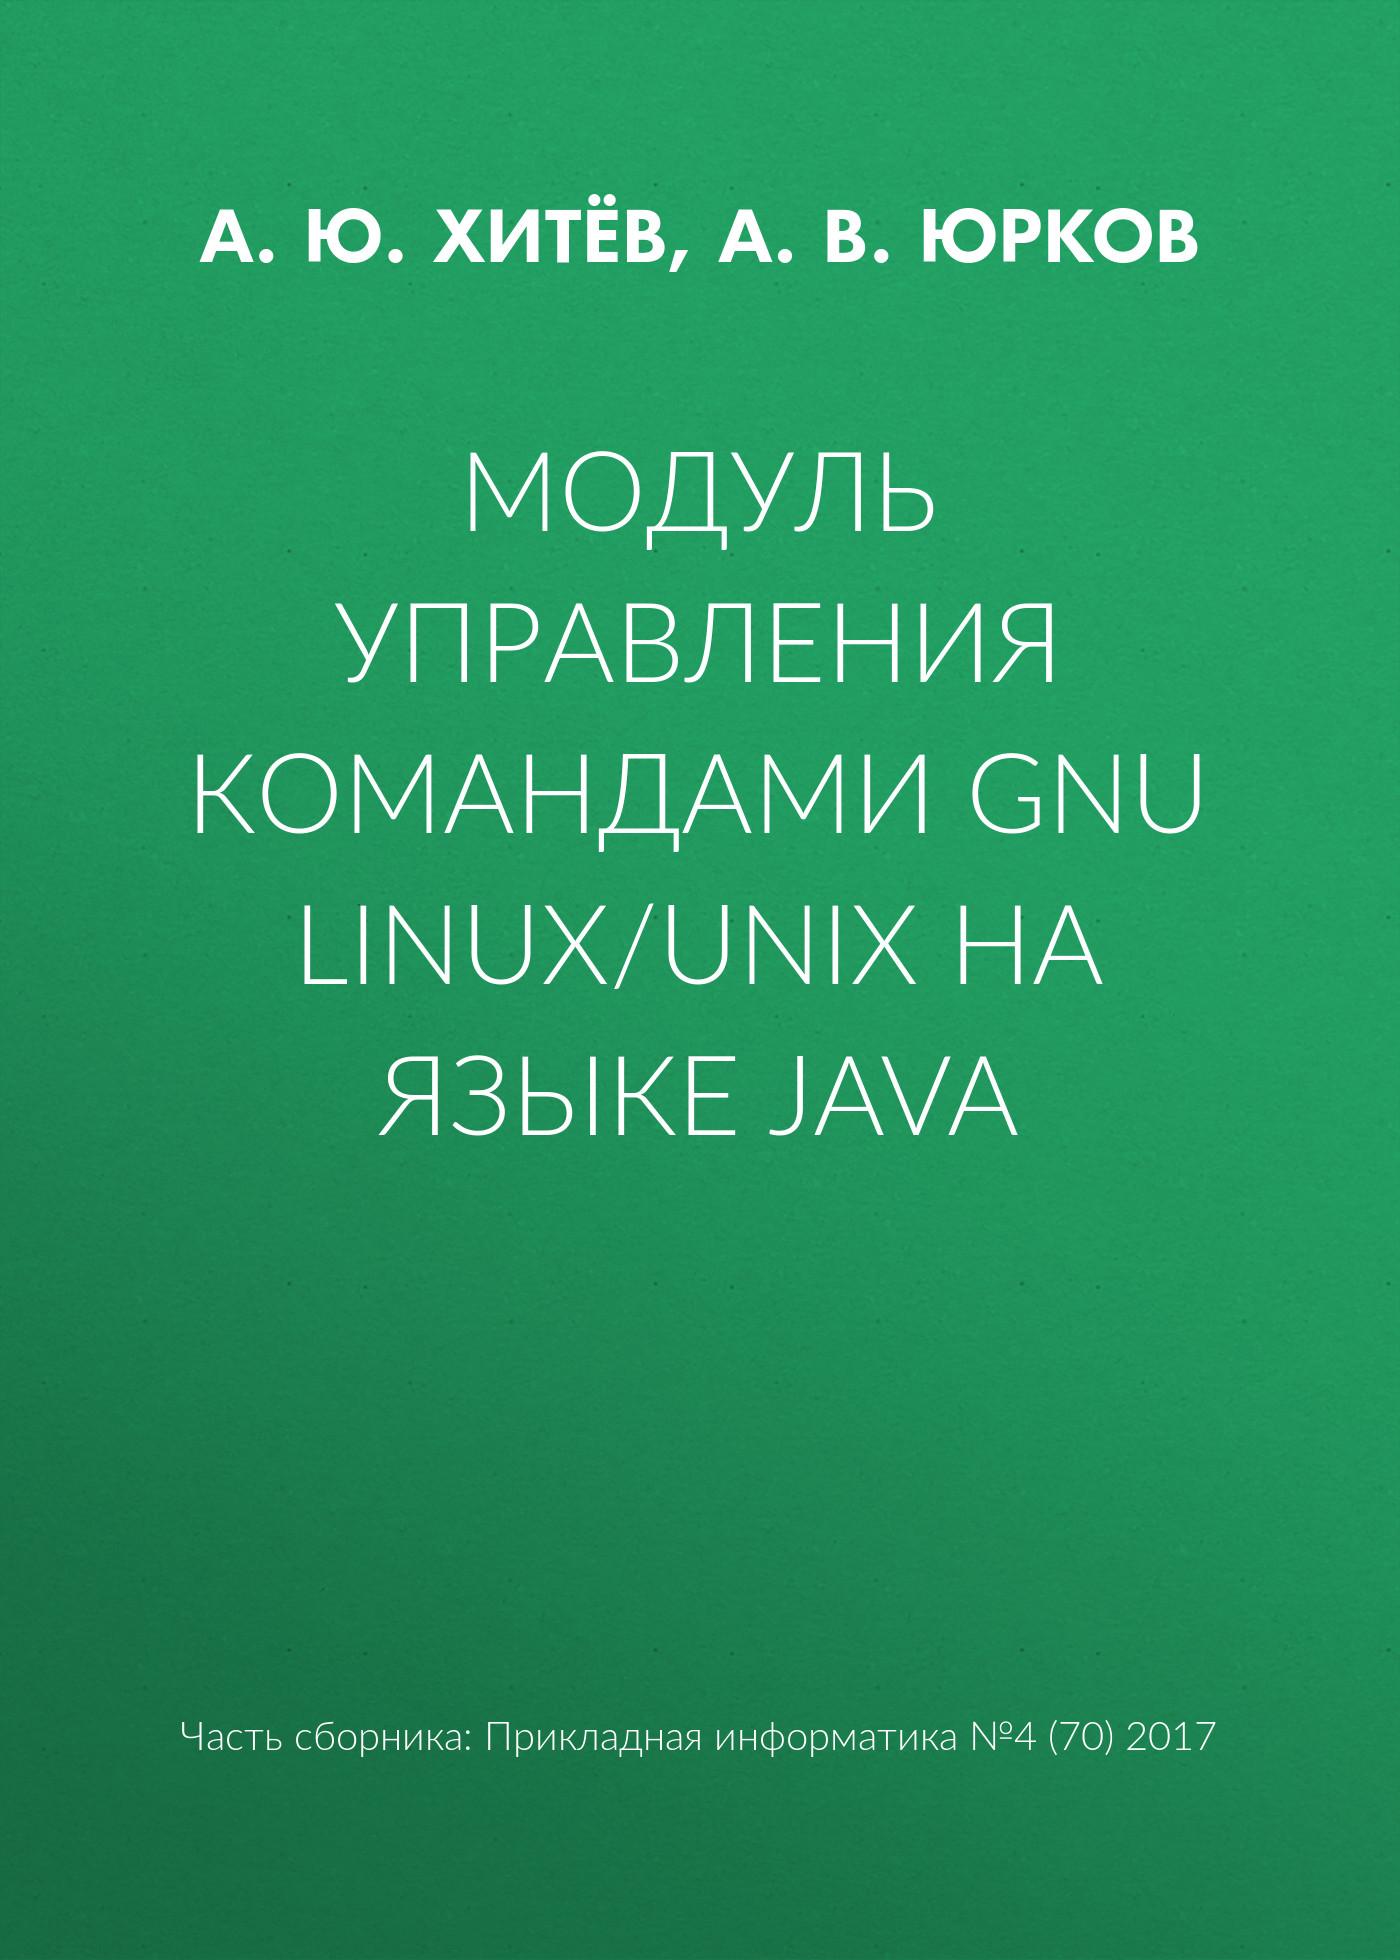 А. В. Юрков Модуль управления командами GNU Linux/UNIX на языке Java алексей береснев администрирование gnu linux с нуля